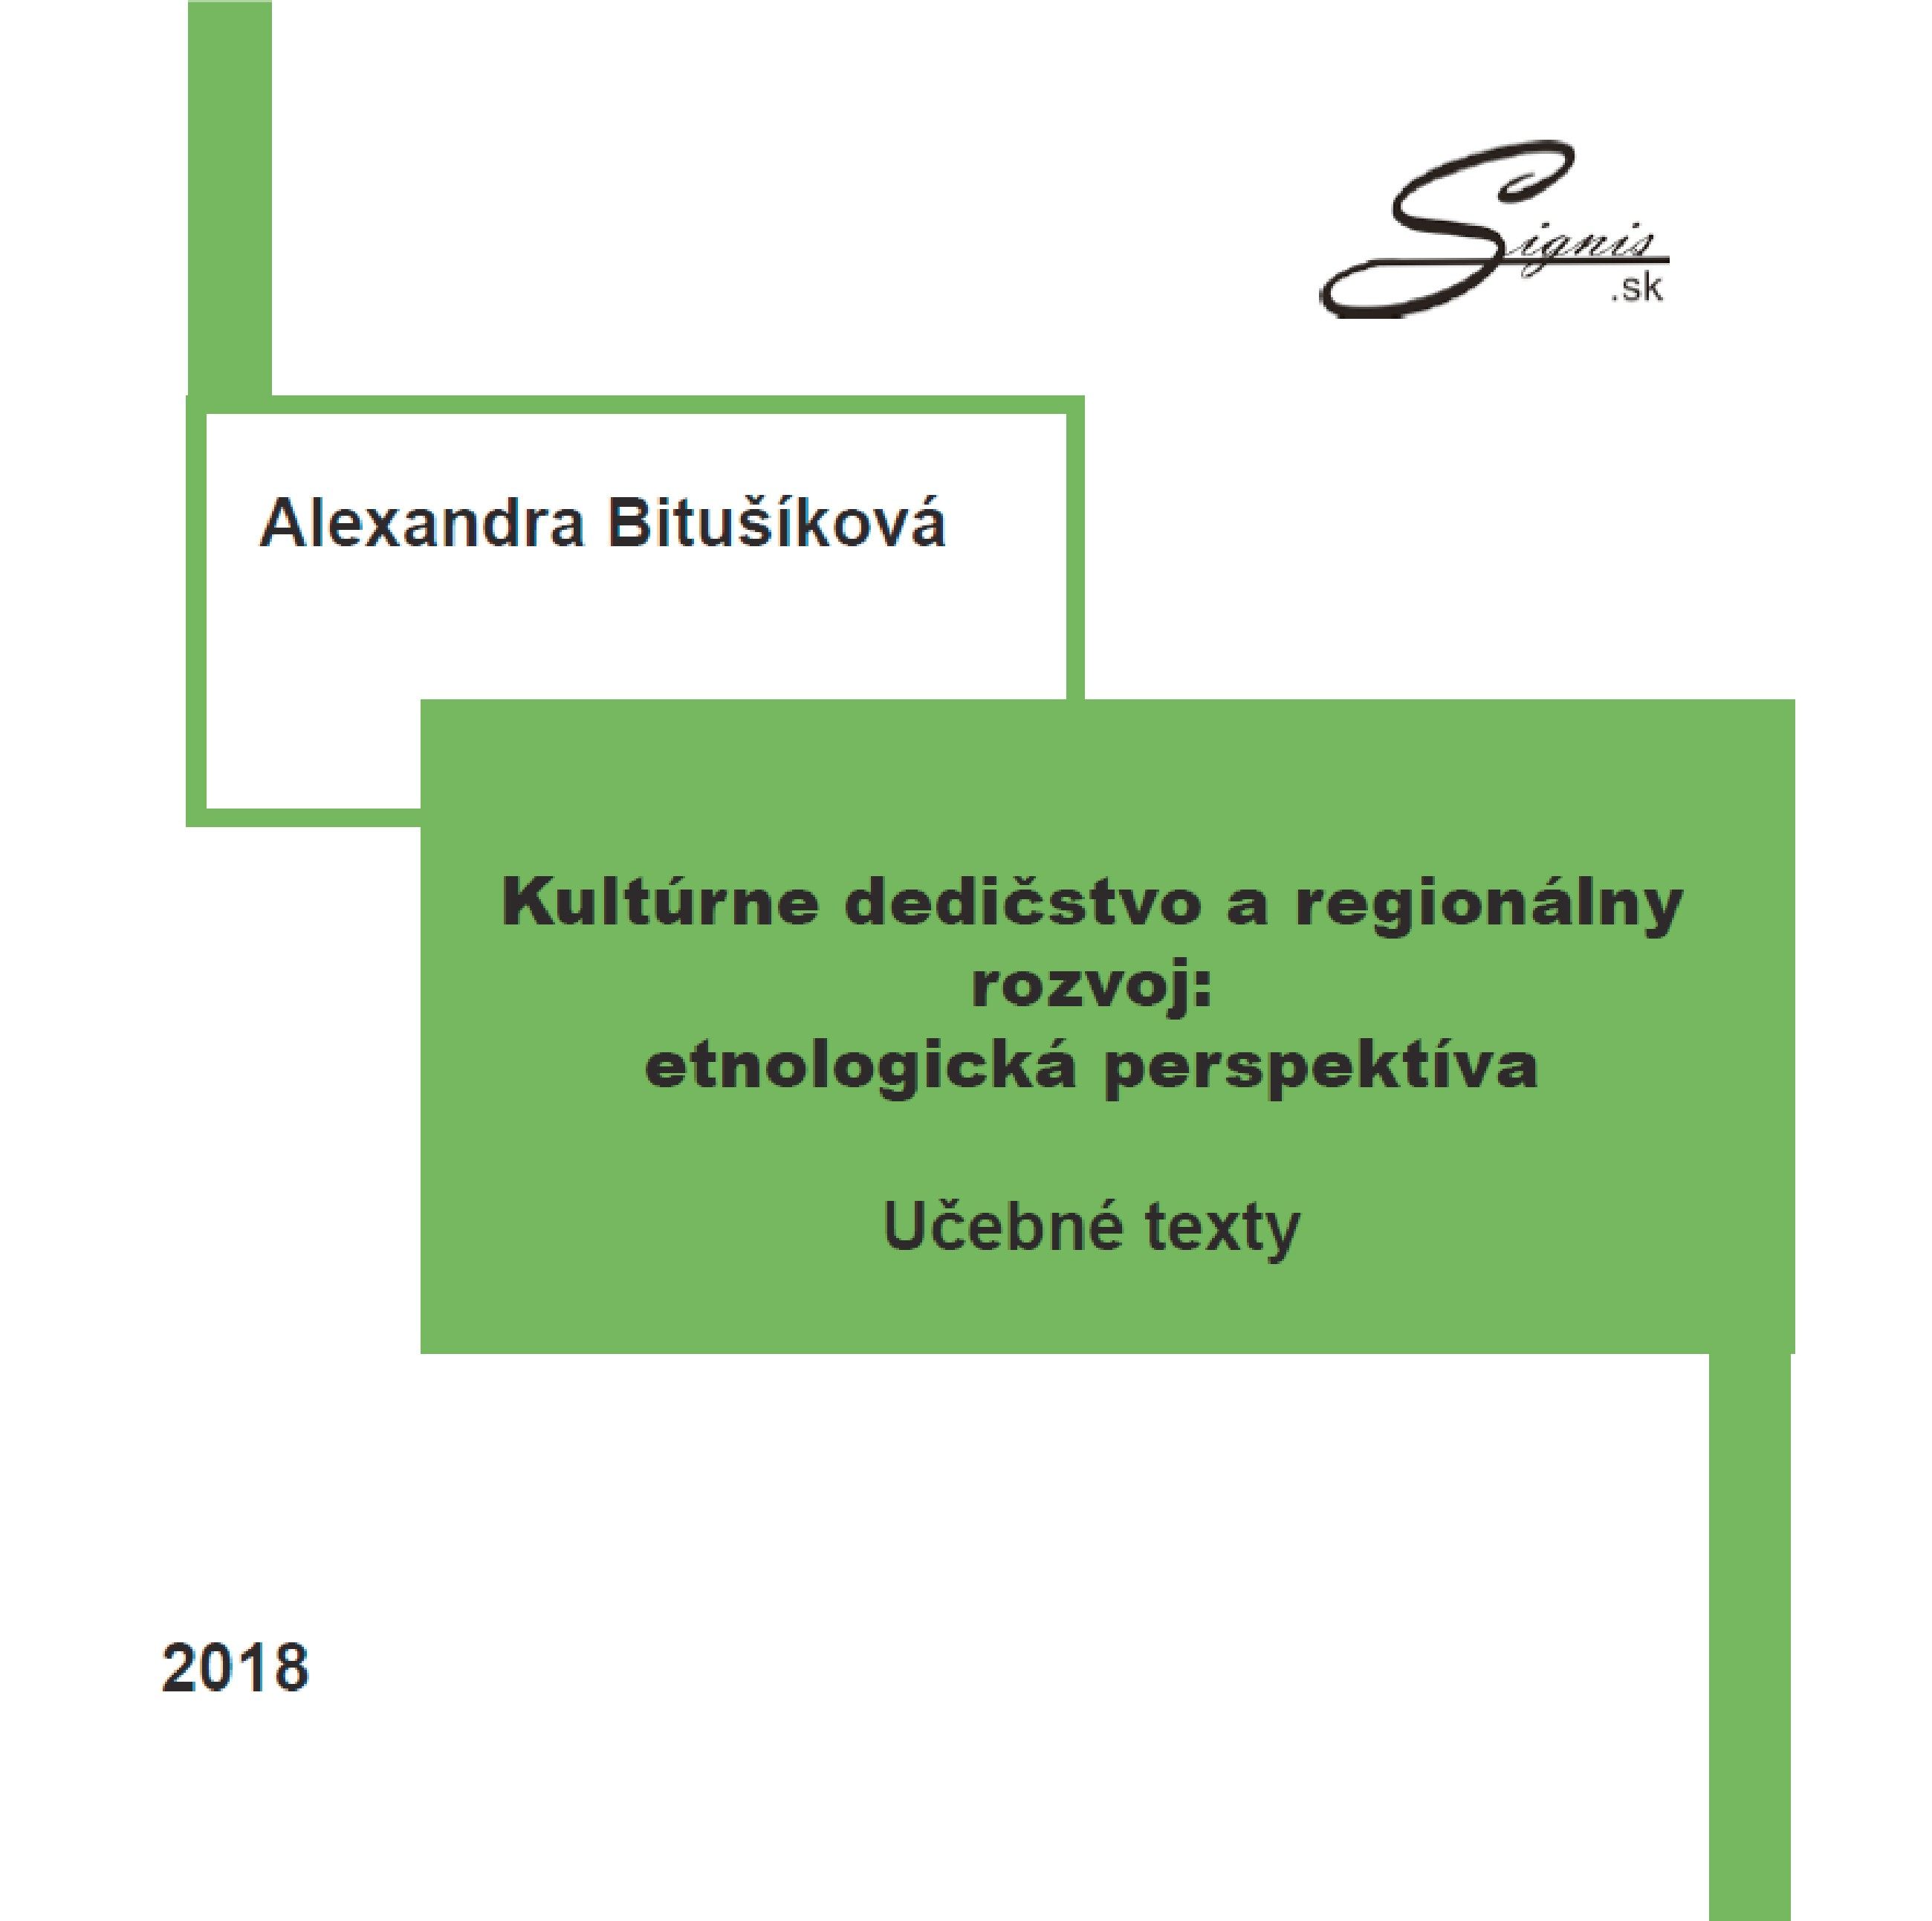 Kultúrne dedičstvo a regionálny rozvoj: etnologická perspektíva